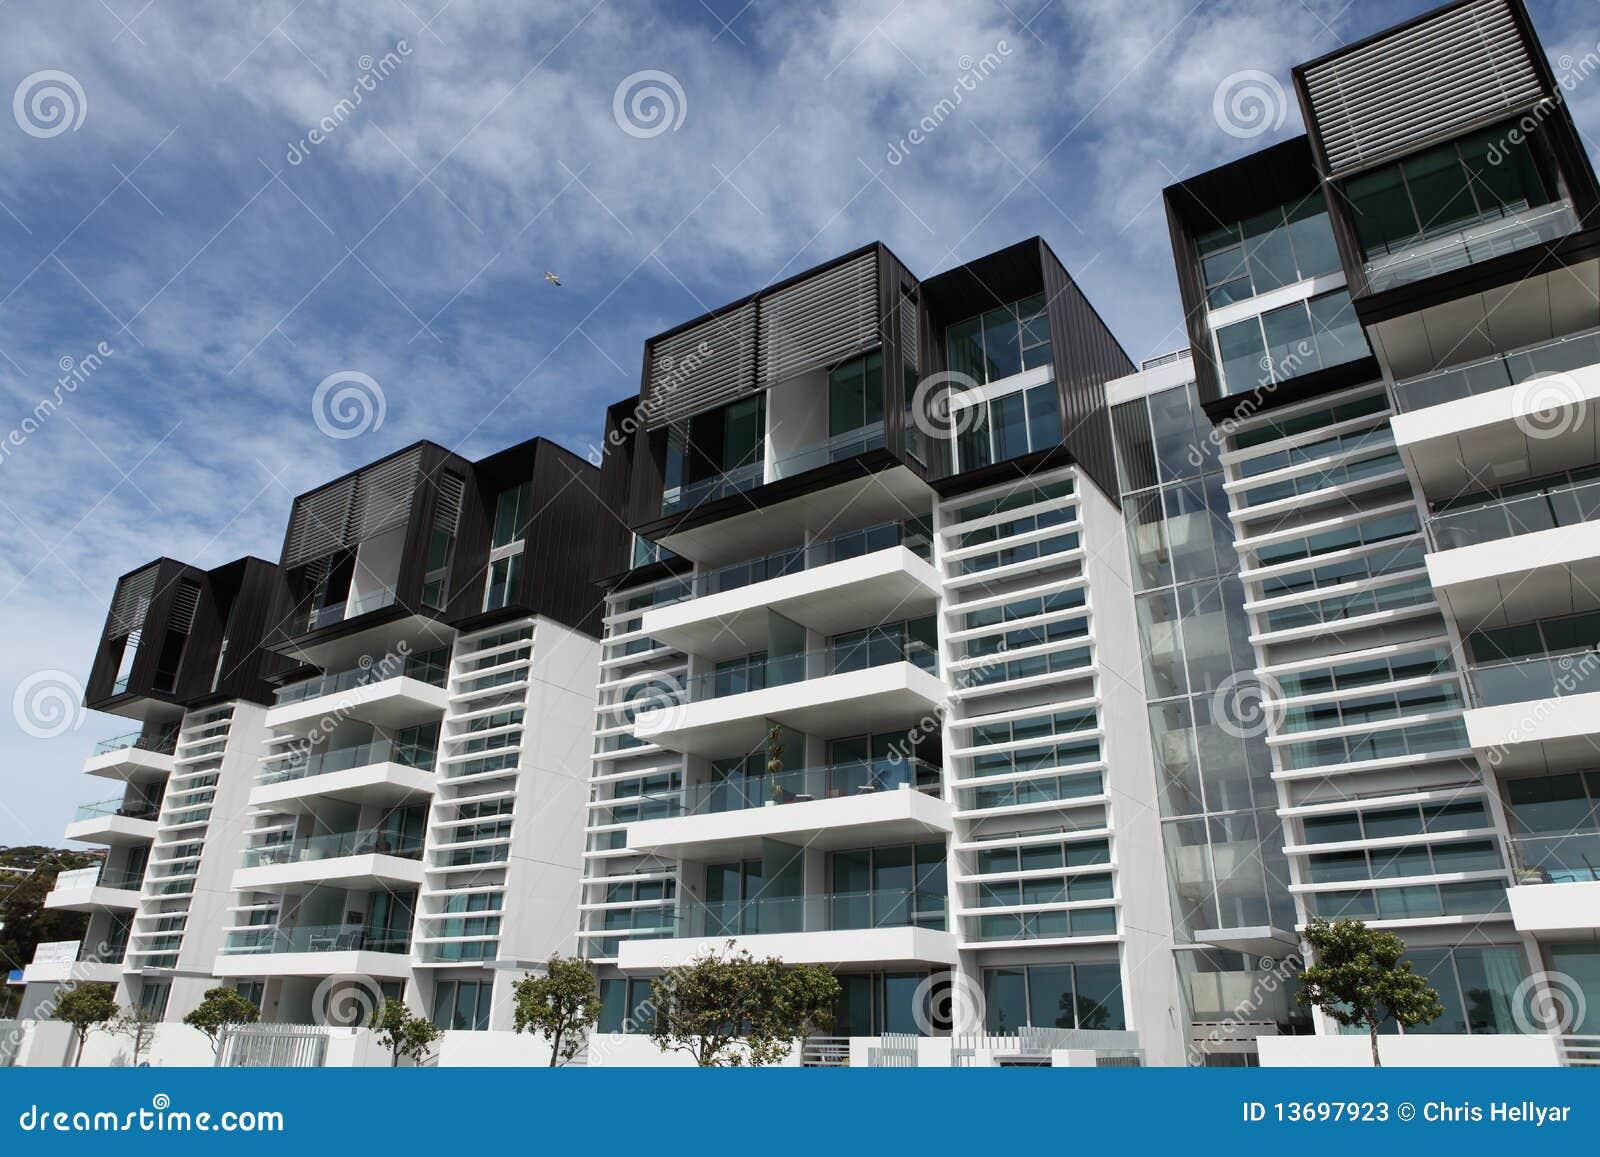 Apartamentos modernos fotos de stock imagem 13697923 for Fotos apartamentos modernos